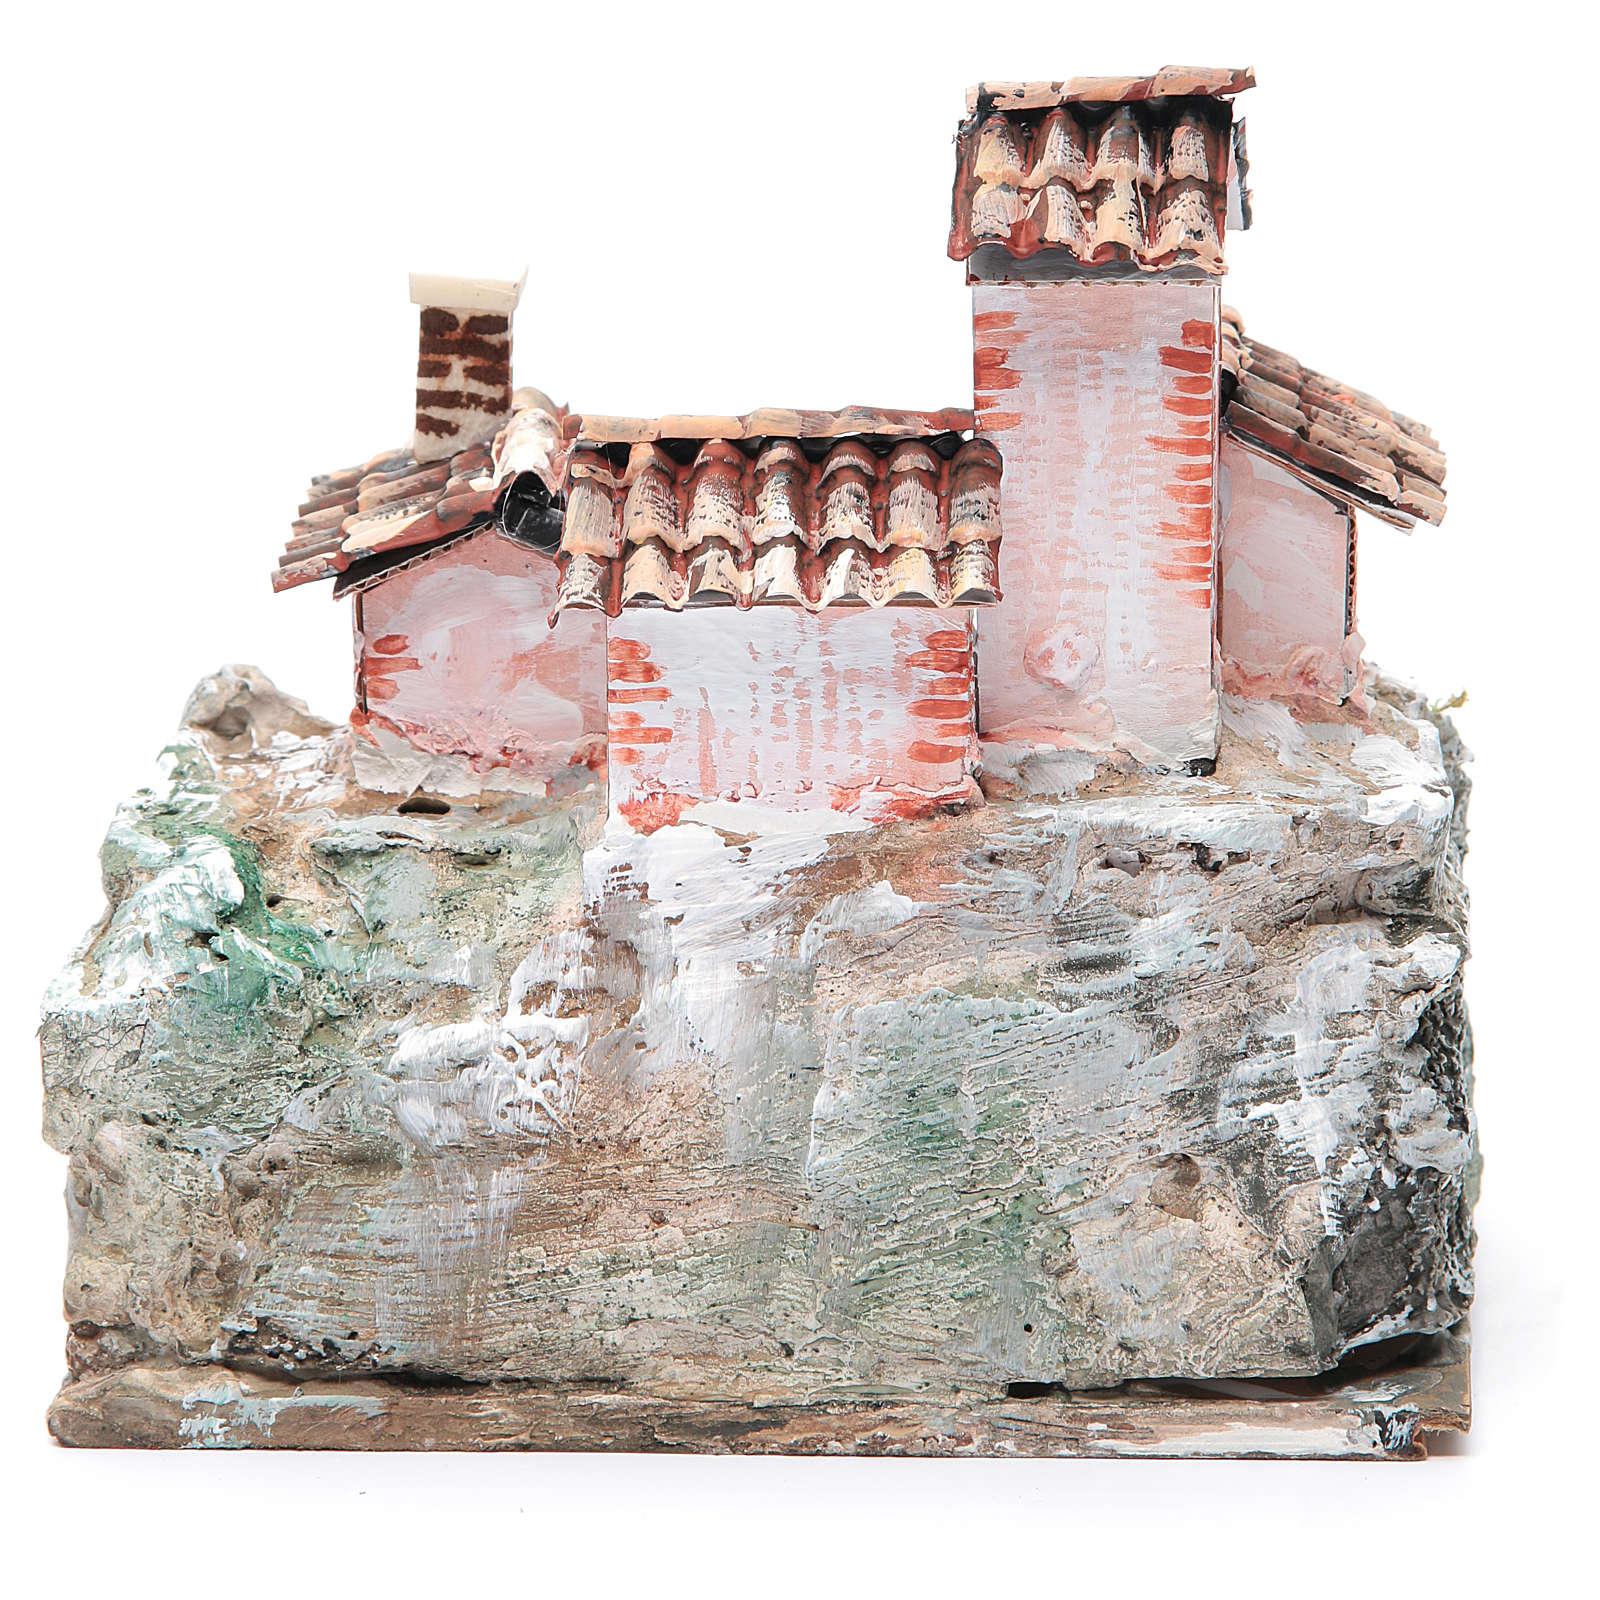 Presepe con paesaggio di tipo roccioso 20x20x15 cm 4